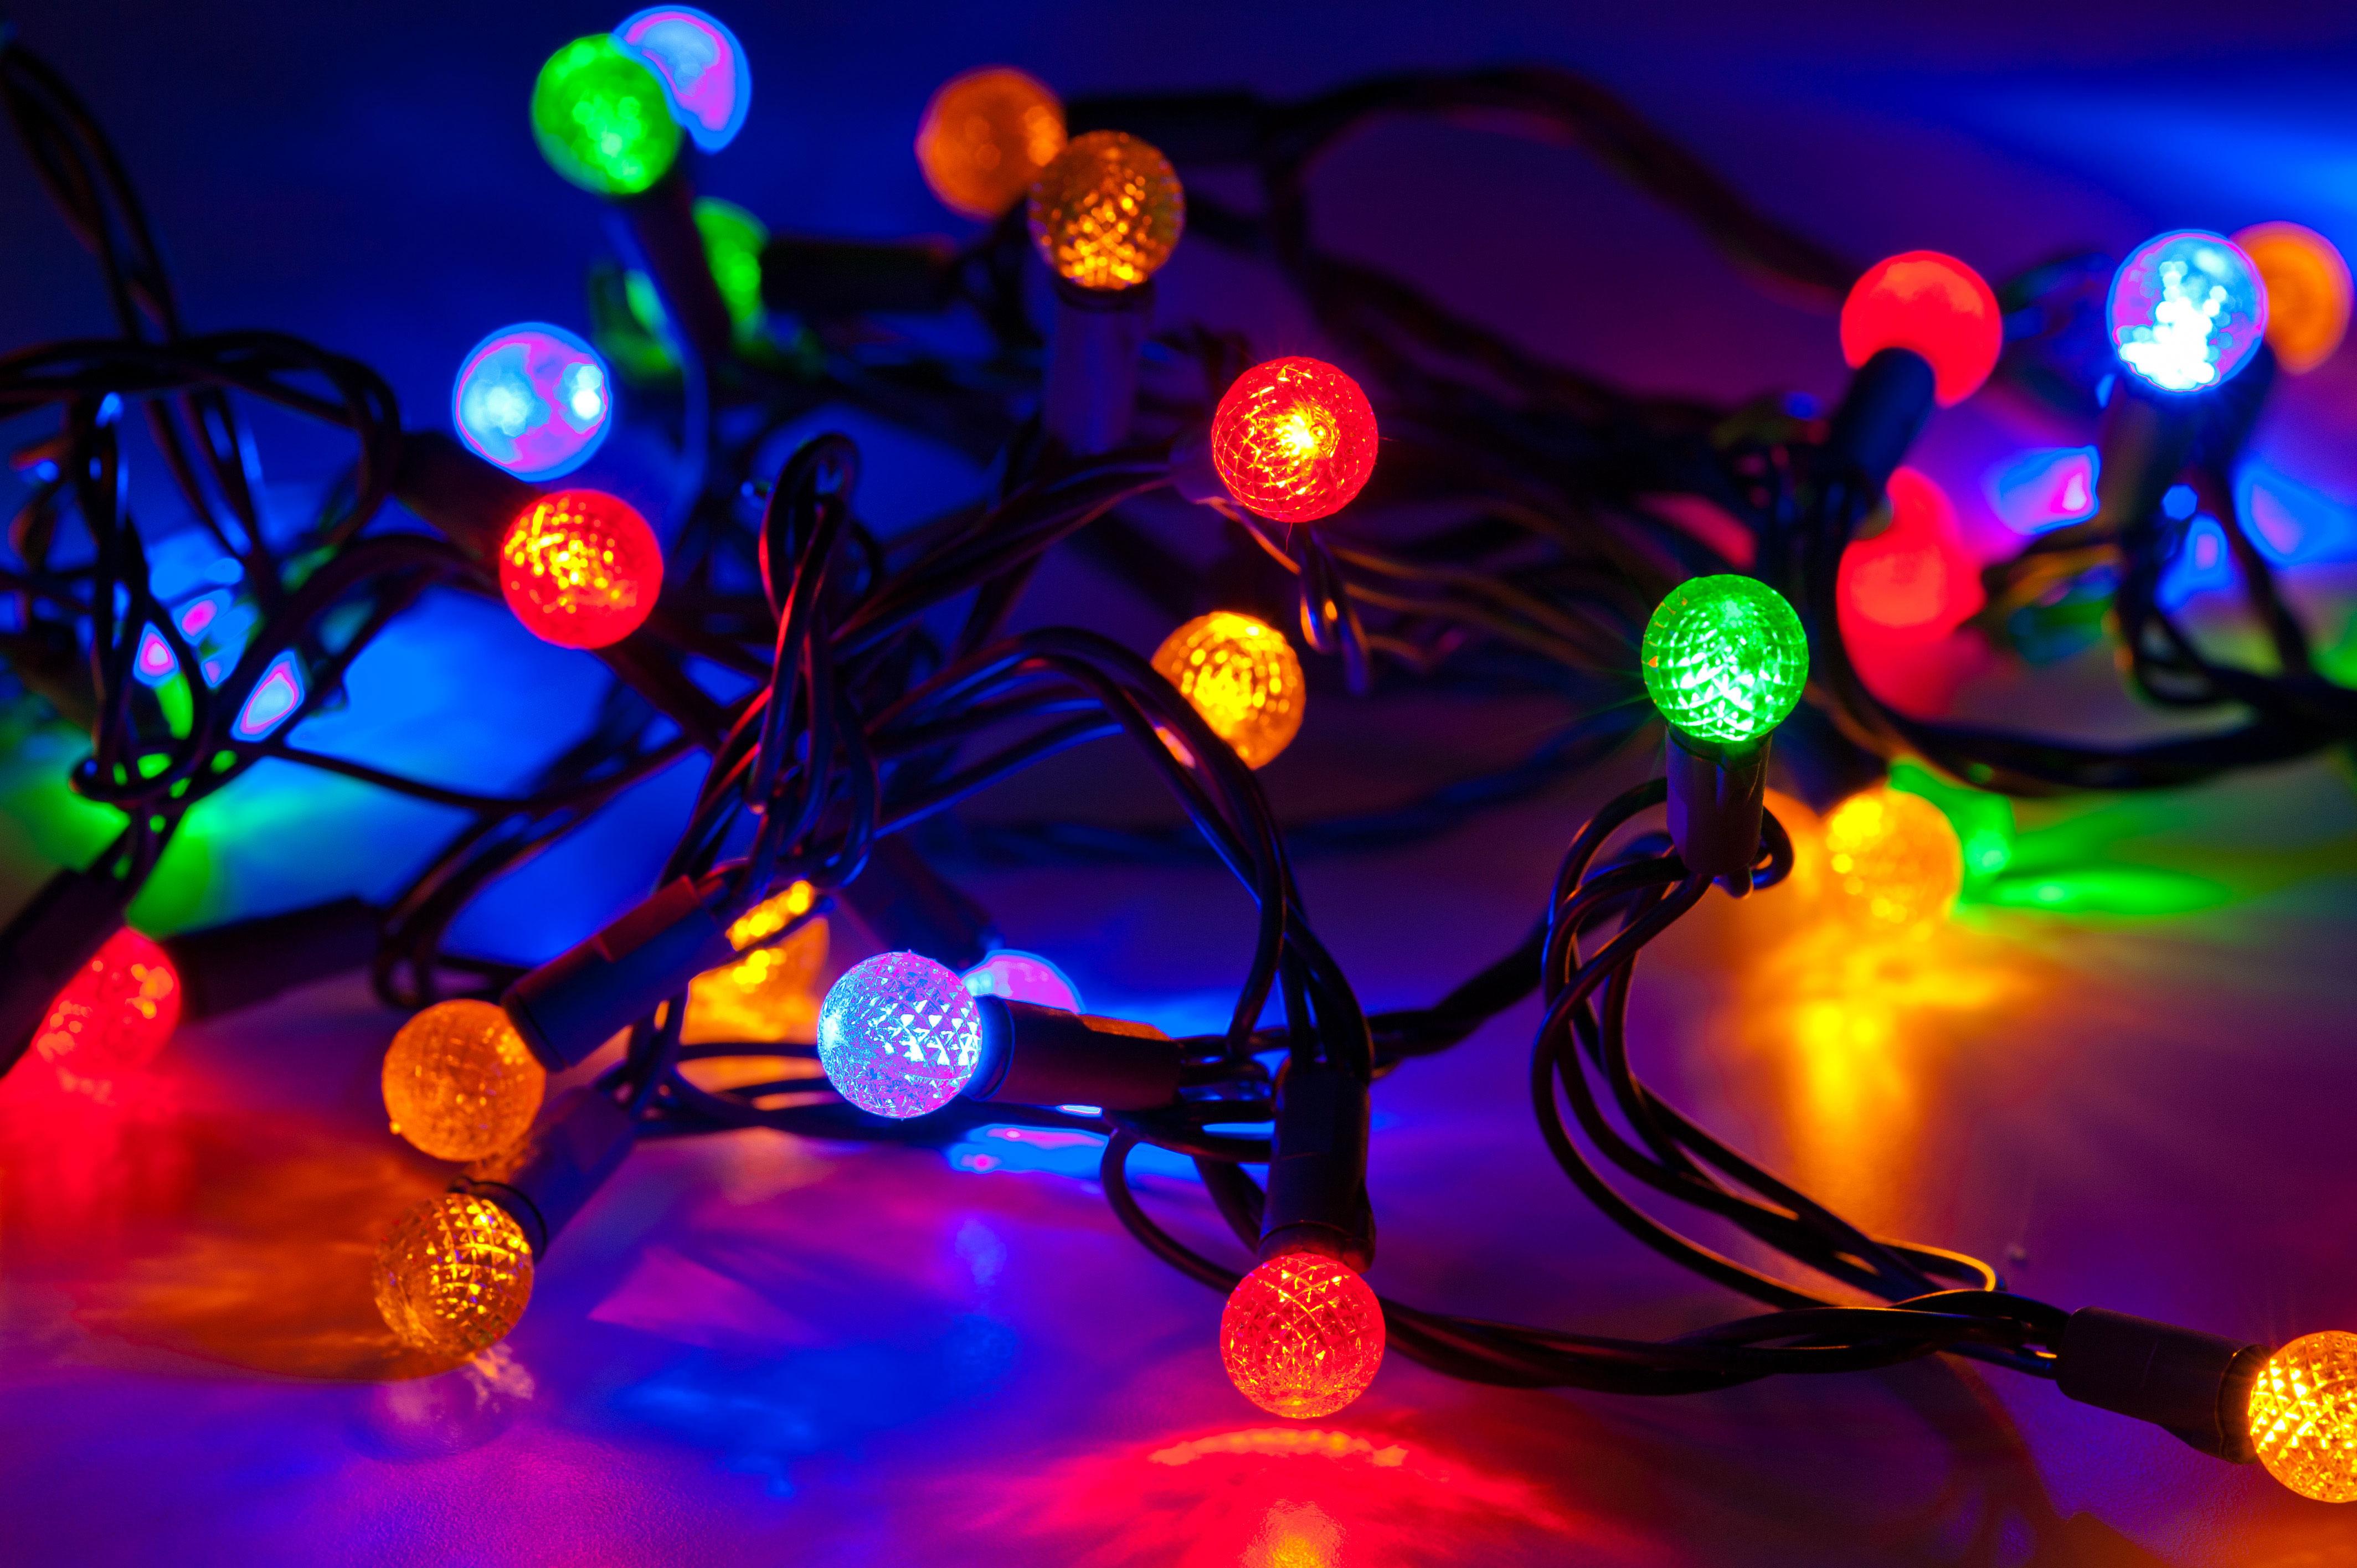 Fireworks Christmas Lights